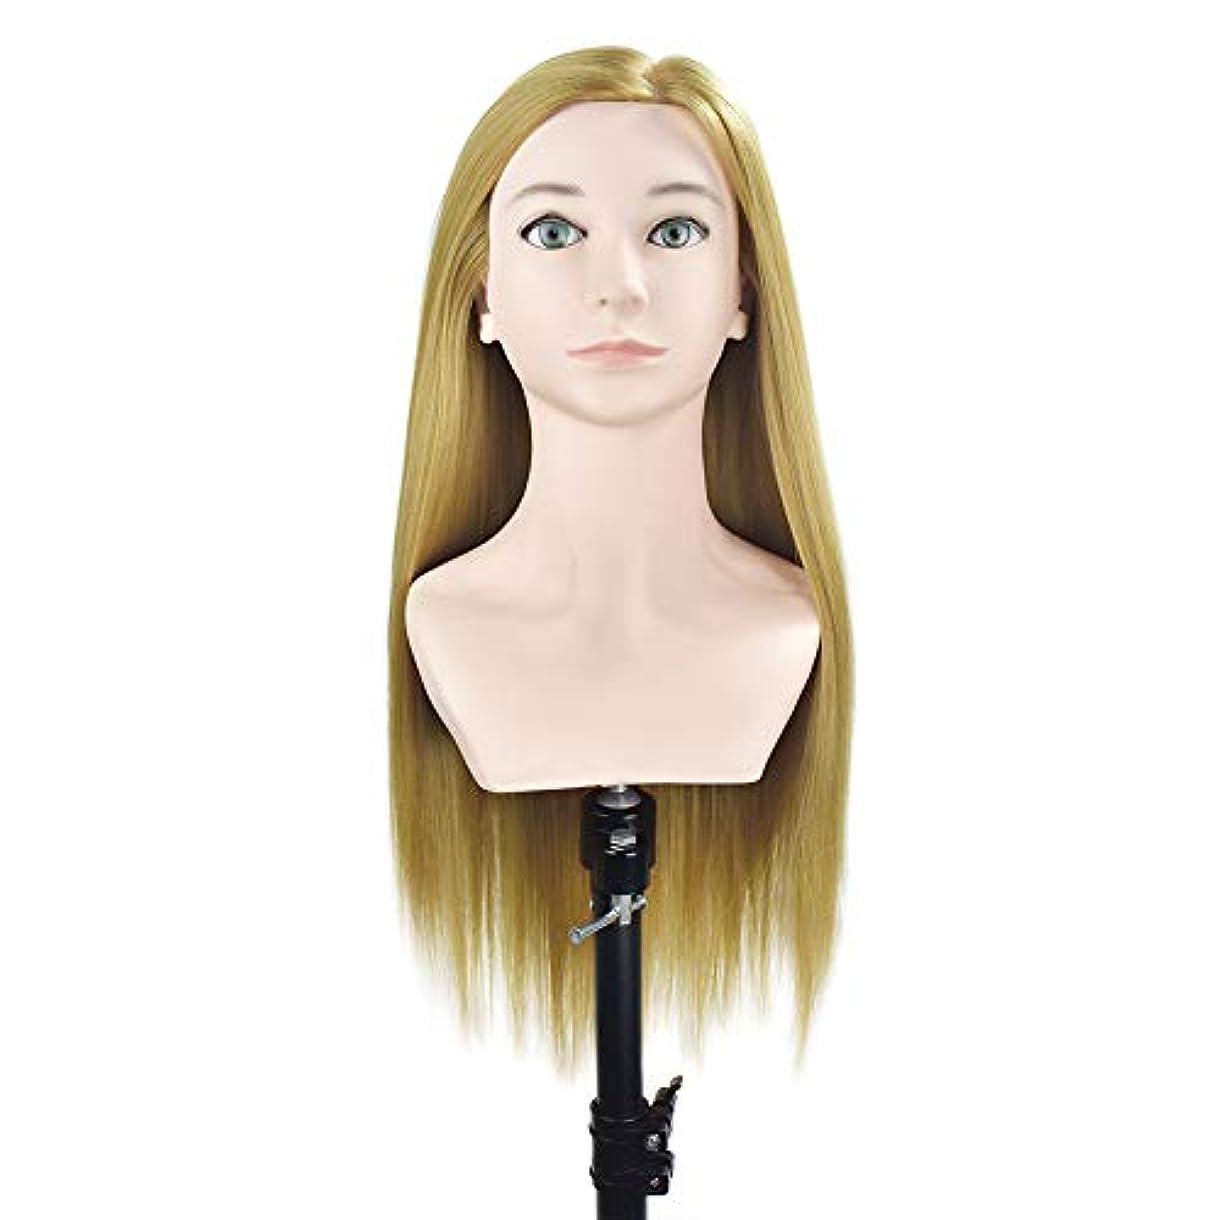 協力取り組む無知サロンの髪の編み物の美容指導の頭スタイリングのヘアカットのダミーヘッドのメイク肩の学習マネキンの頭